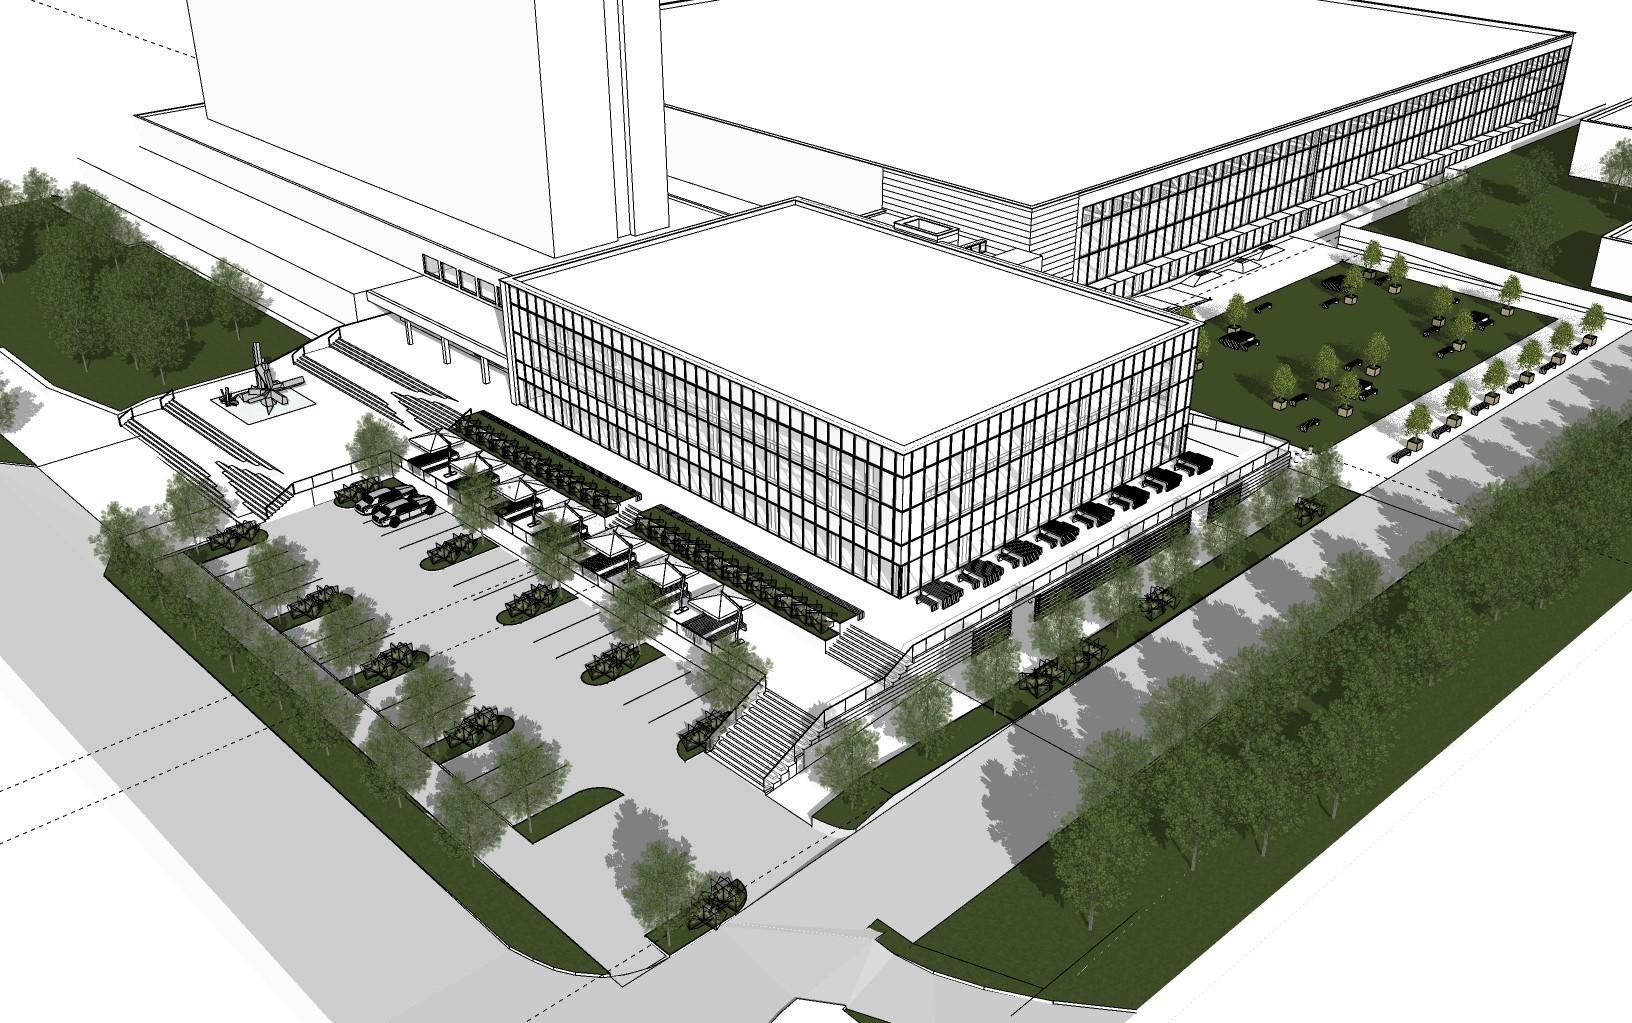 """Завод """"Кристал"""" перетворять у технологічний парк. Показали візуалізацію проекта (Фото)"""